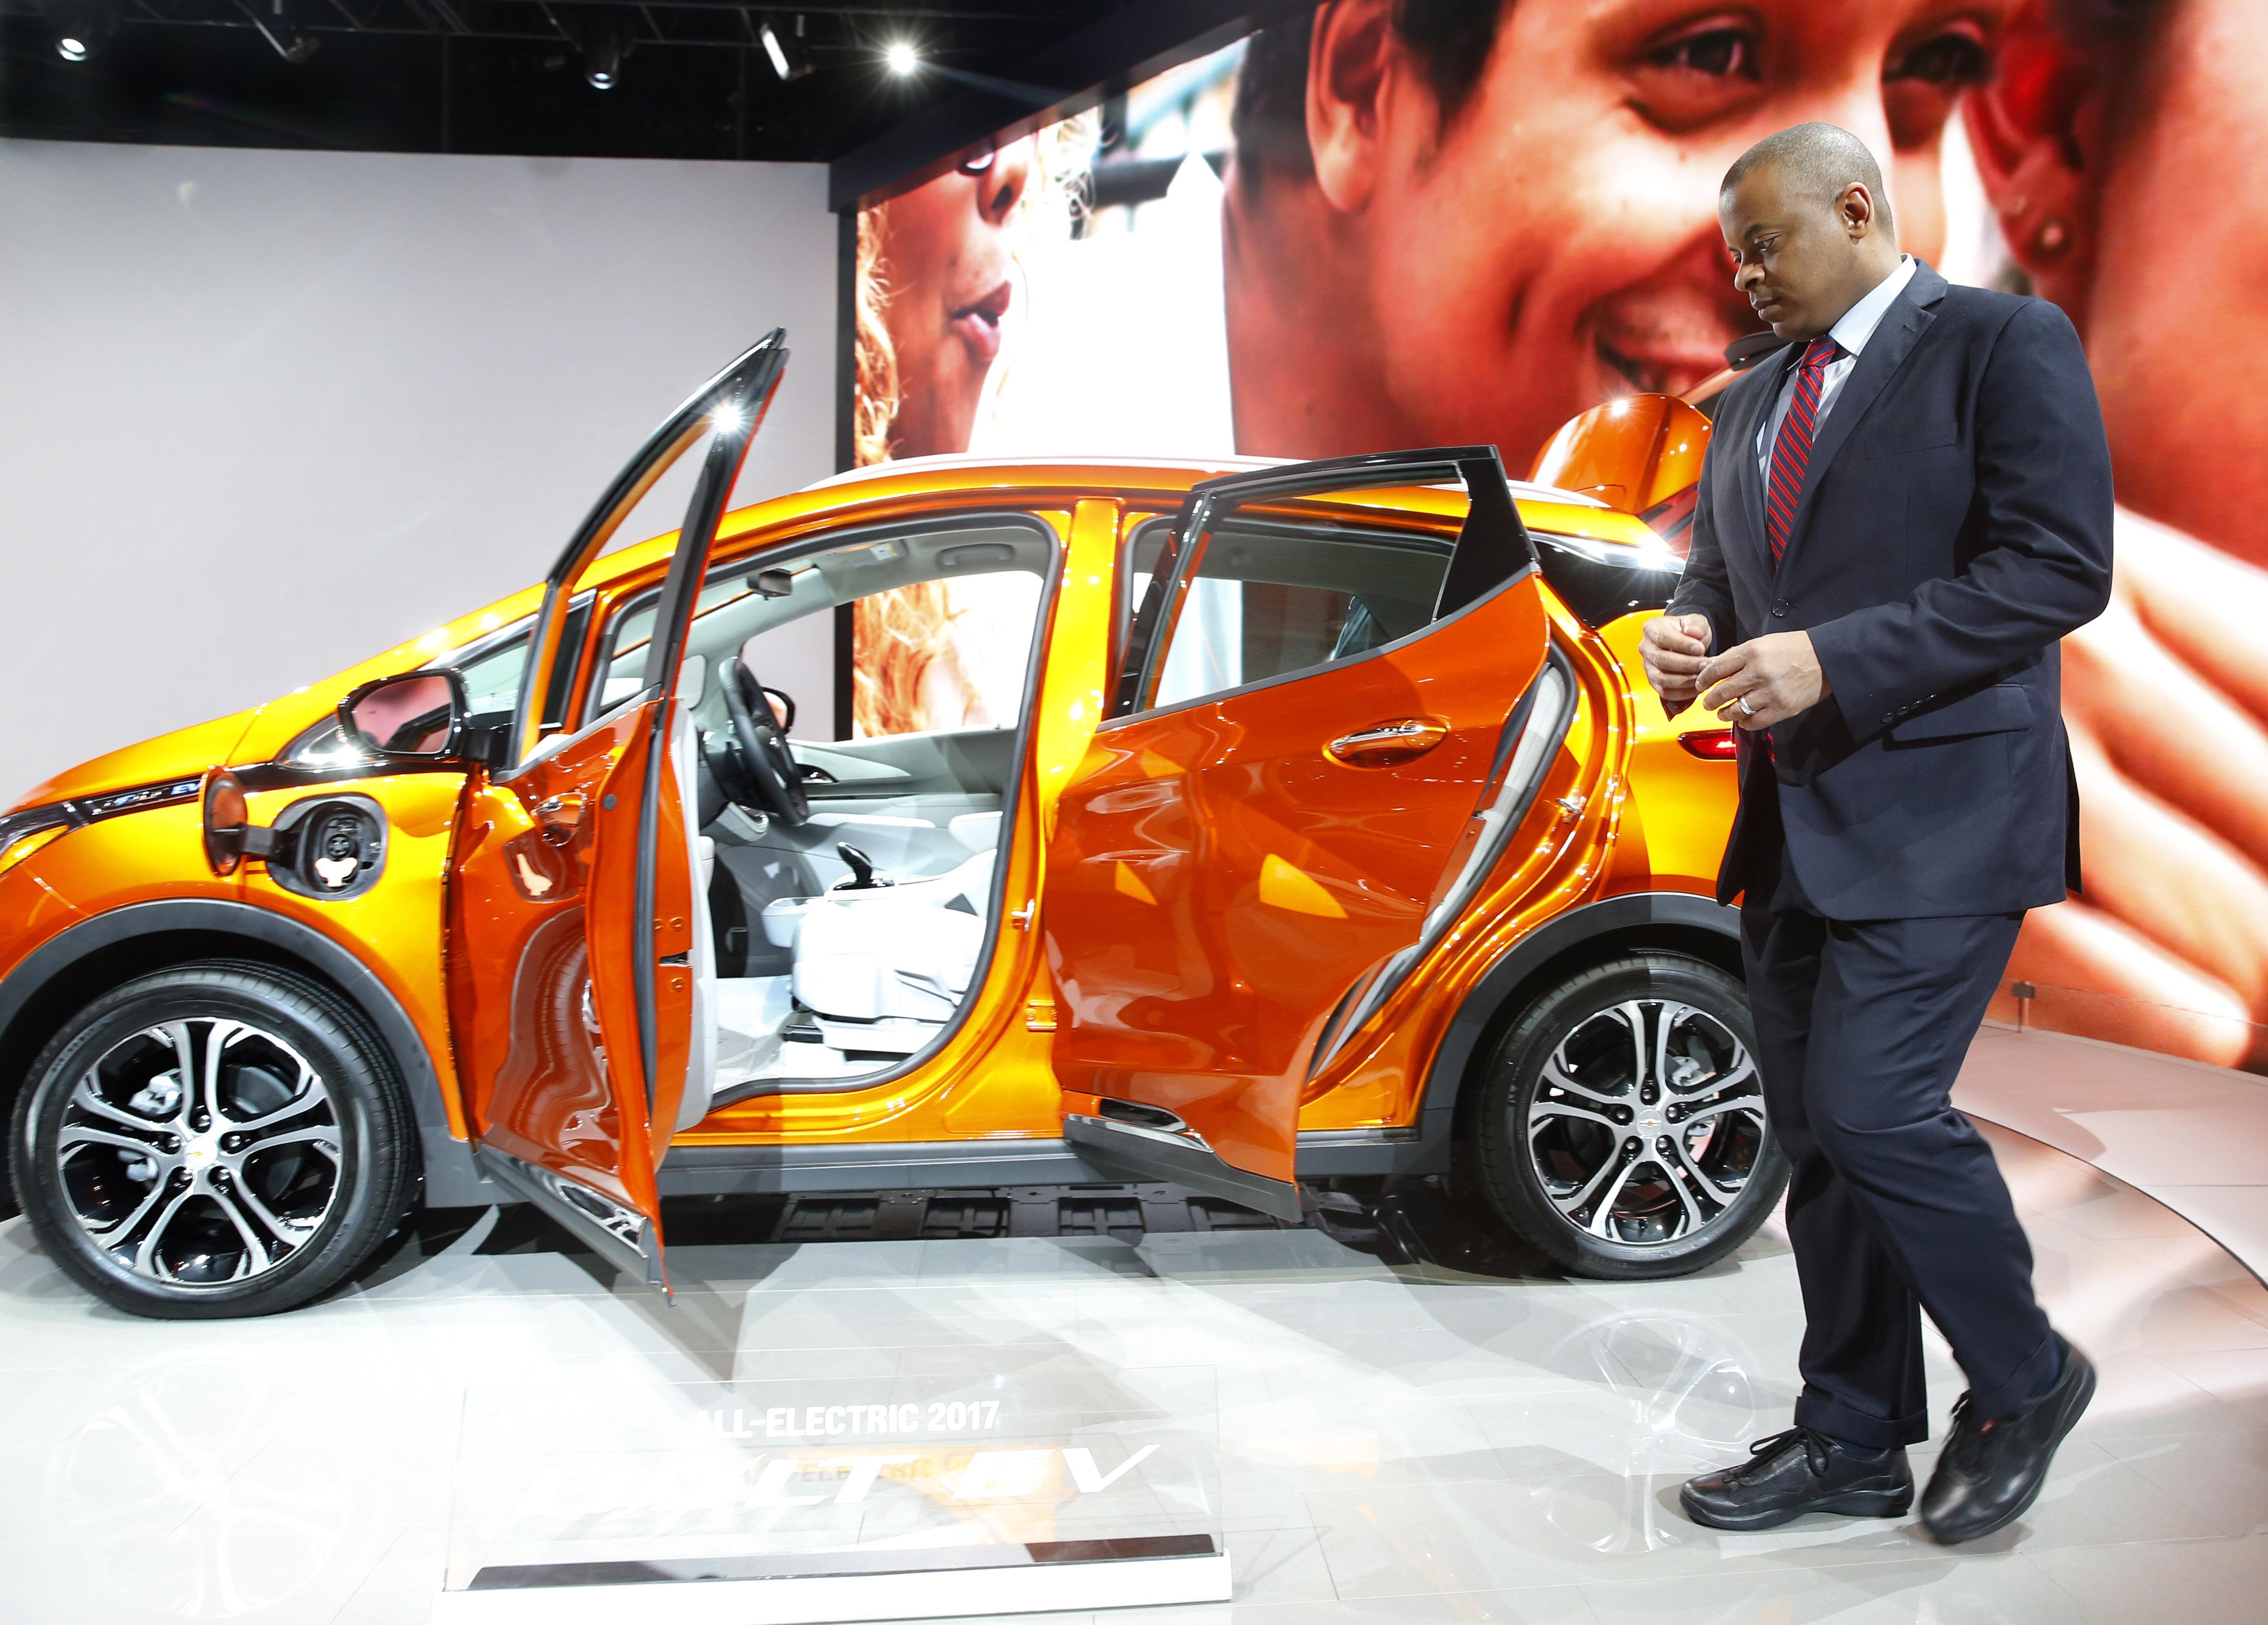 歐巴馬的國家產業政策:10 年 40 億美元自動駕駛車育成計畫